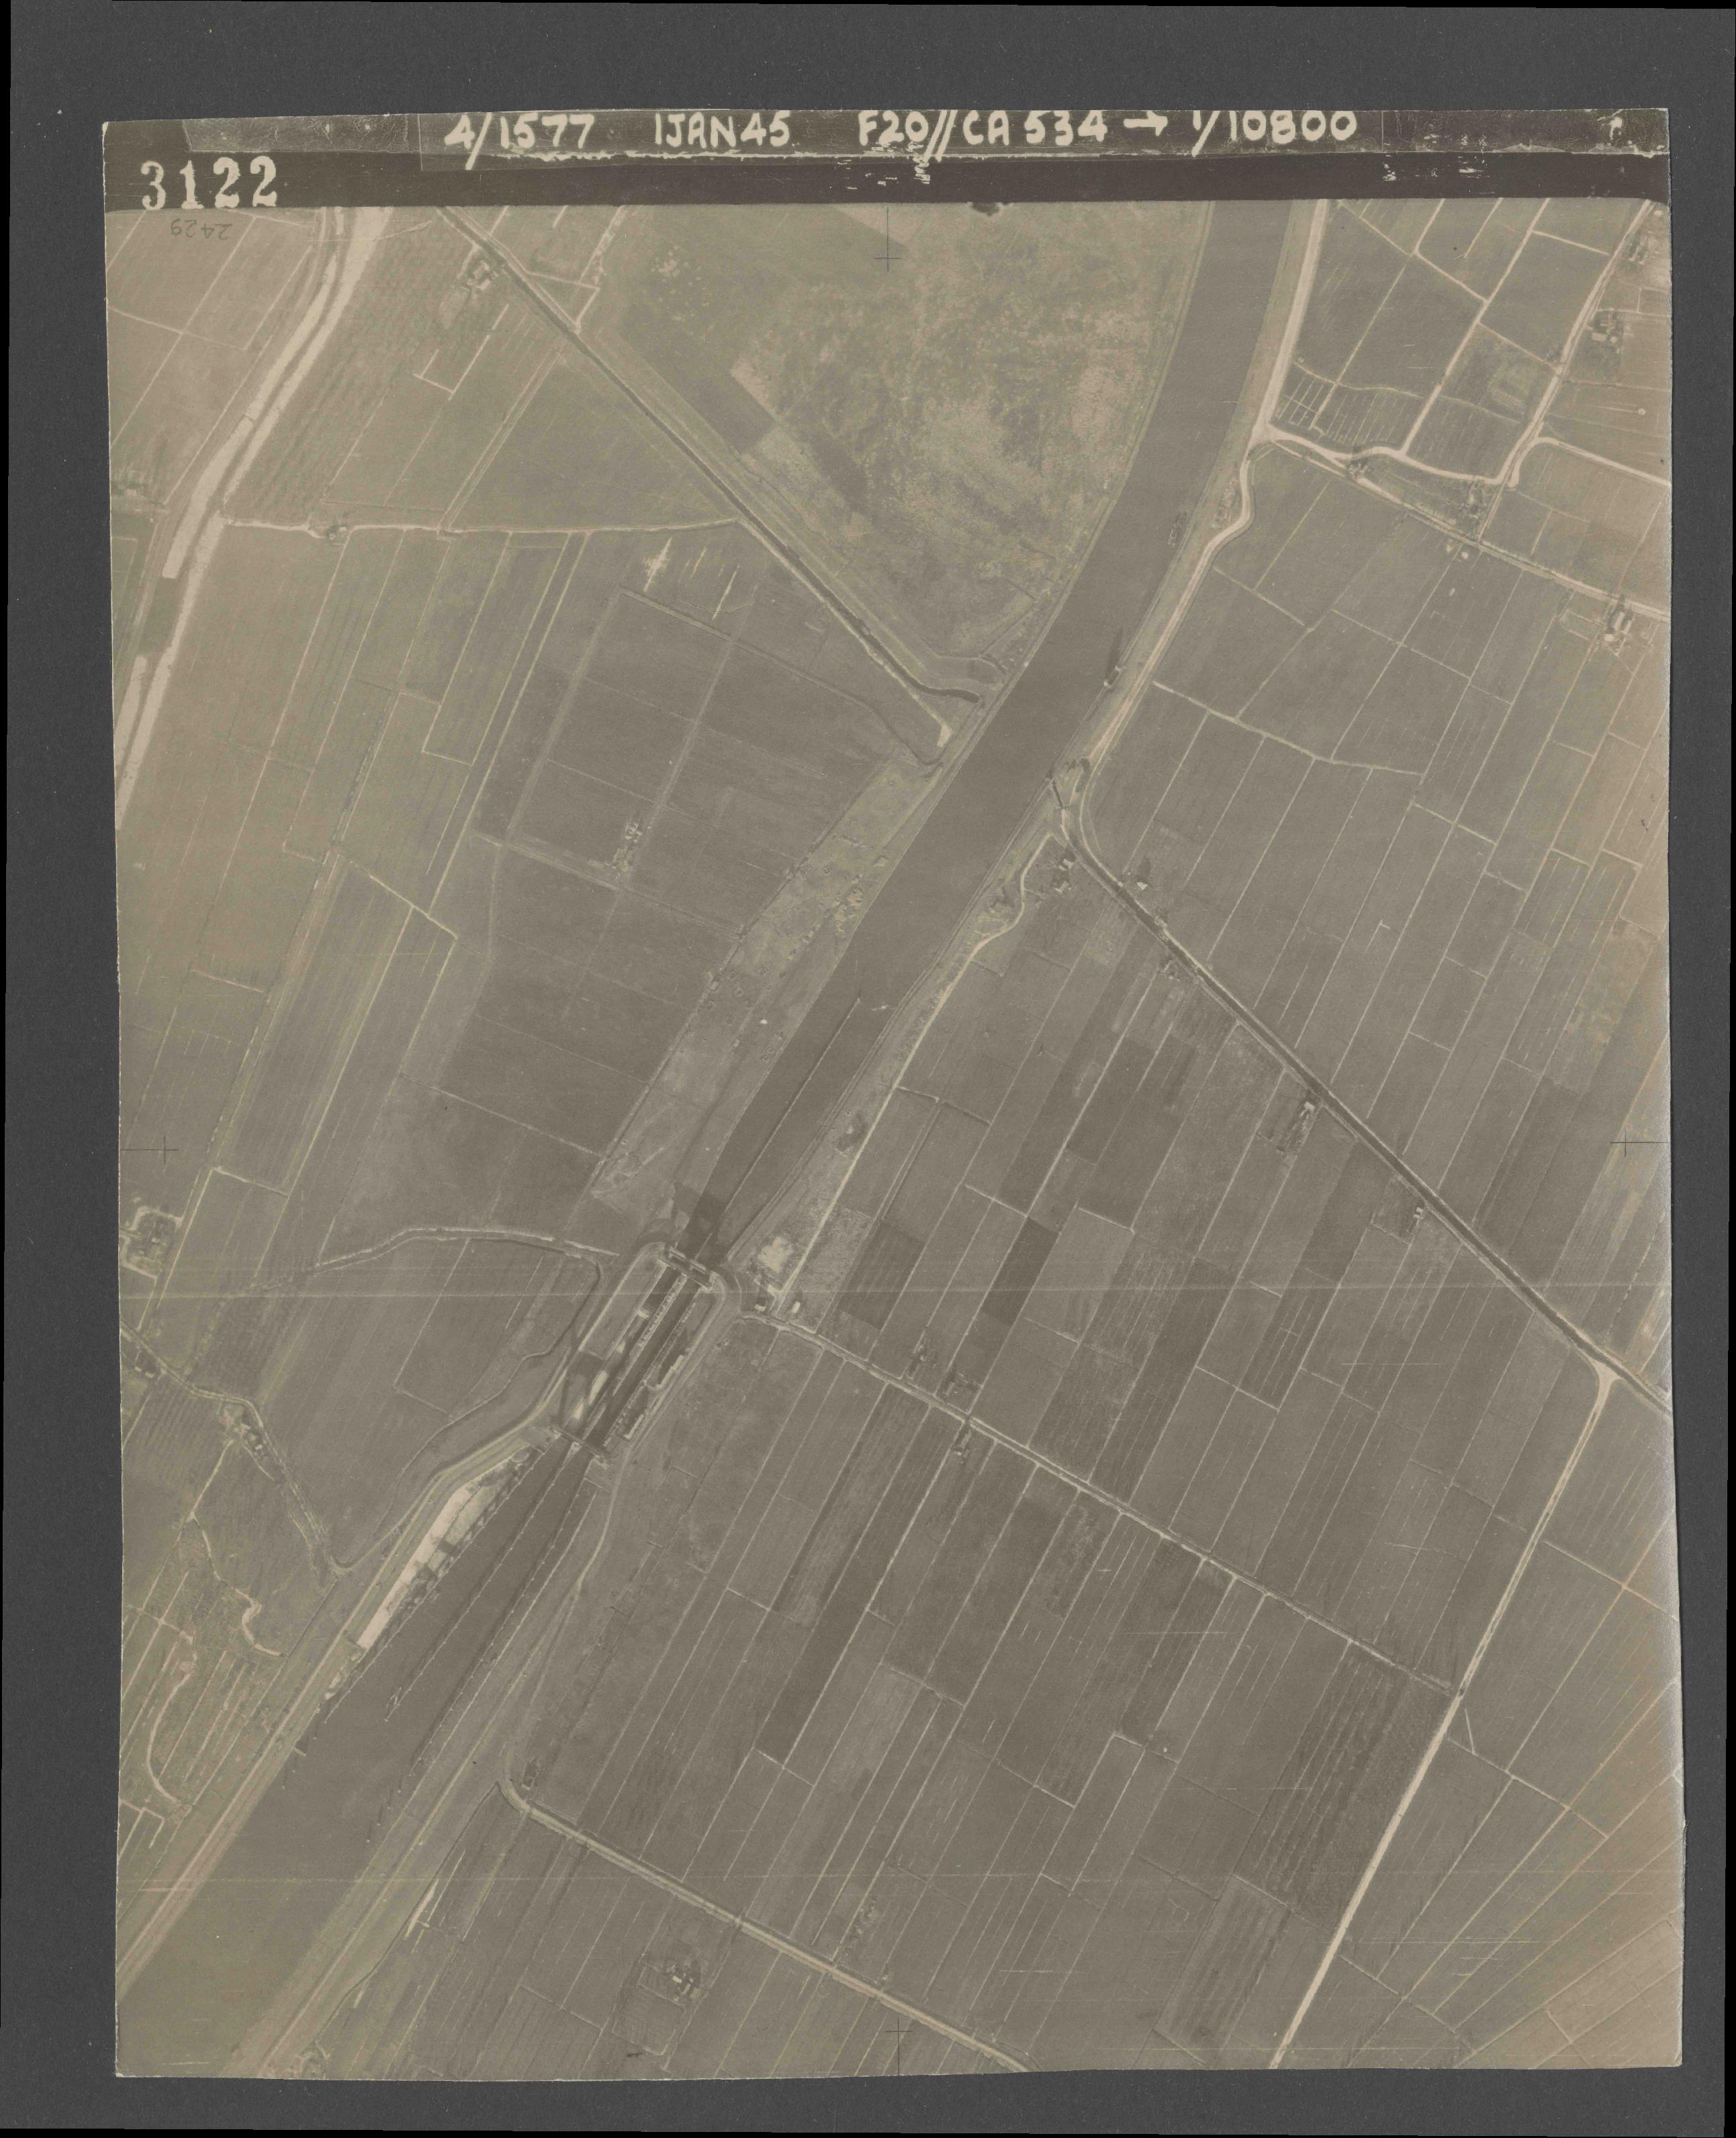 Collection RAF aerial photos 1940-1945 - flight 105, run 07, photo 3122